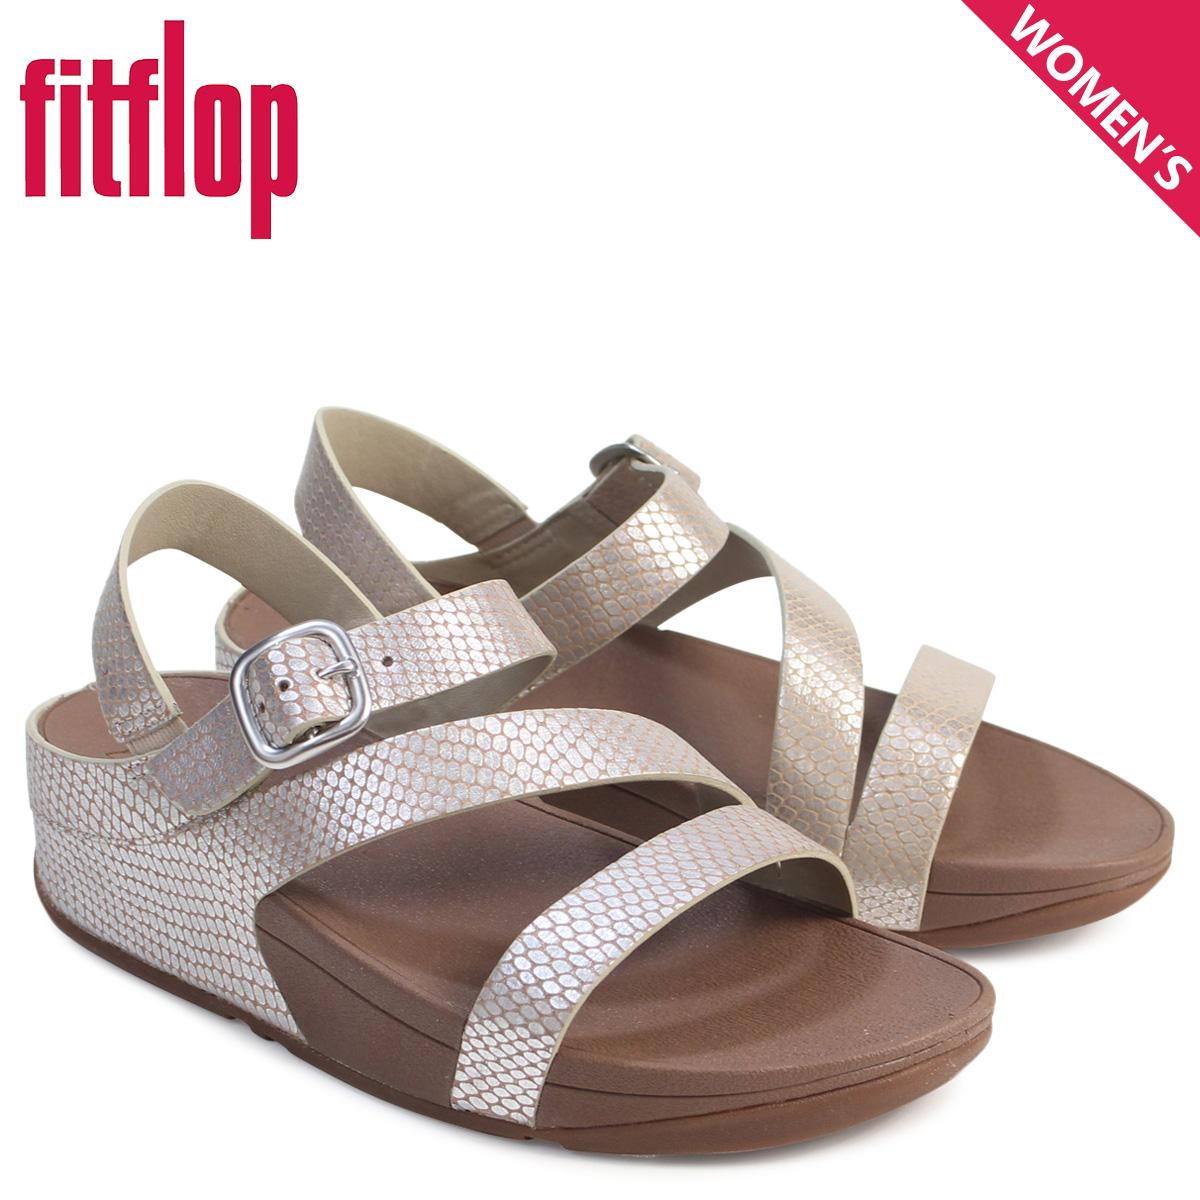 08ed4107274587 FitFlop sandals fitting FLOPS Kinney Z cross THE SKINNY Z-CROSS SANDALS E51  Lady s  4 4 Shinnyu load